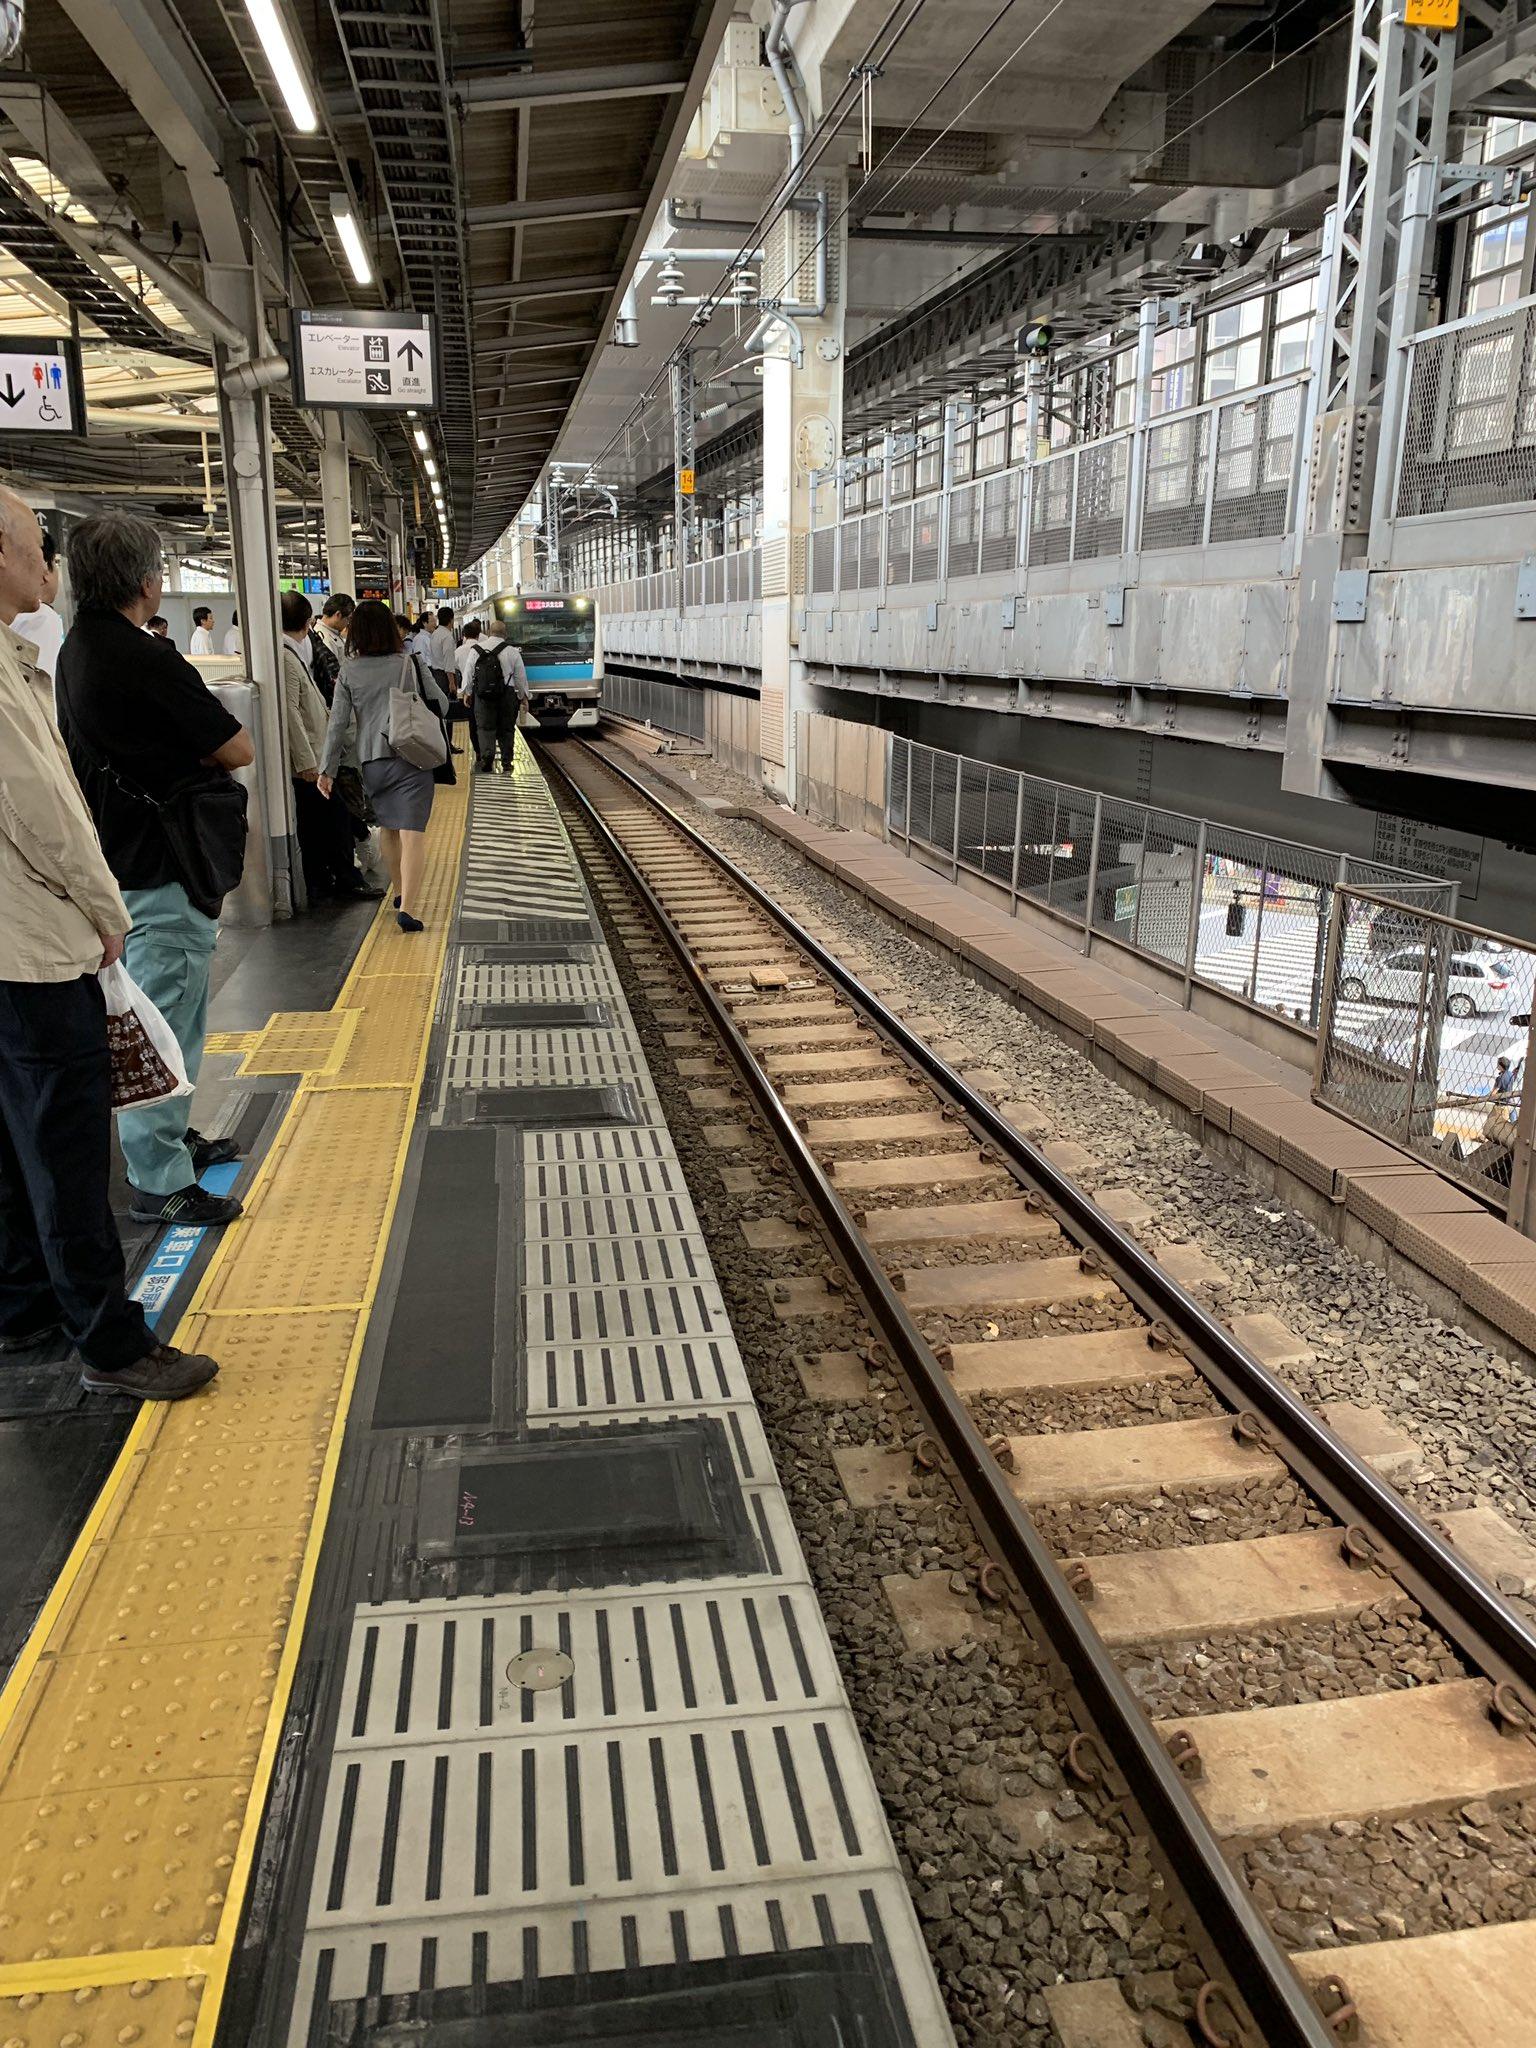 画像,神田駅ついたー舞浜行こうー電車乗ろうと思ったら乗ろうとしてた京浜東北線が目の前で人身事故を起こした…厄日だろこれ。 https://t.co/D7YJqIN87…